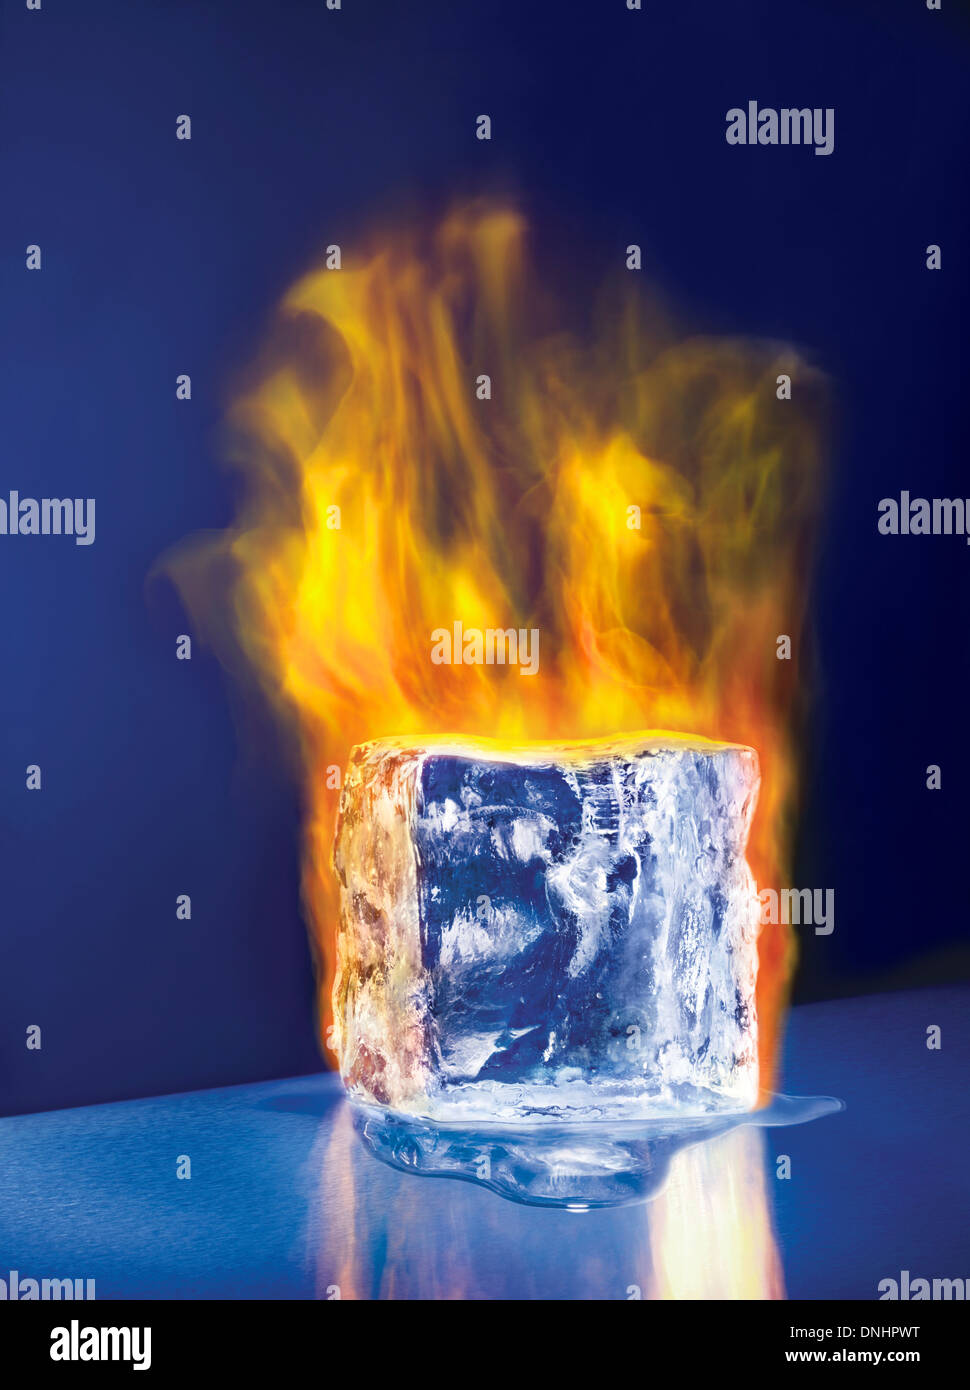 Una fusione di grandi dimensioni blocco di ghiaccio cubo su incendio. Foto Stock